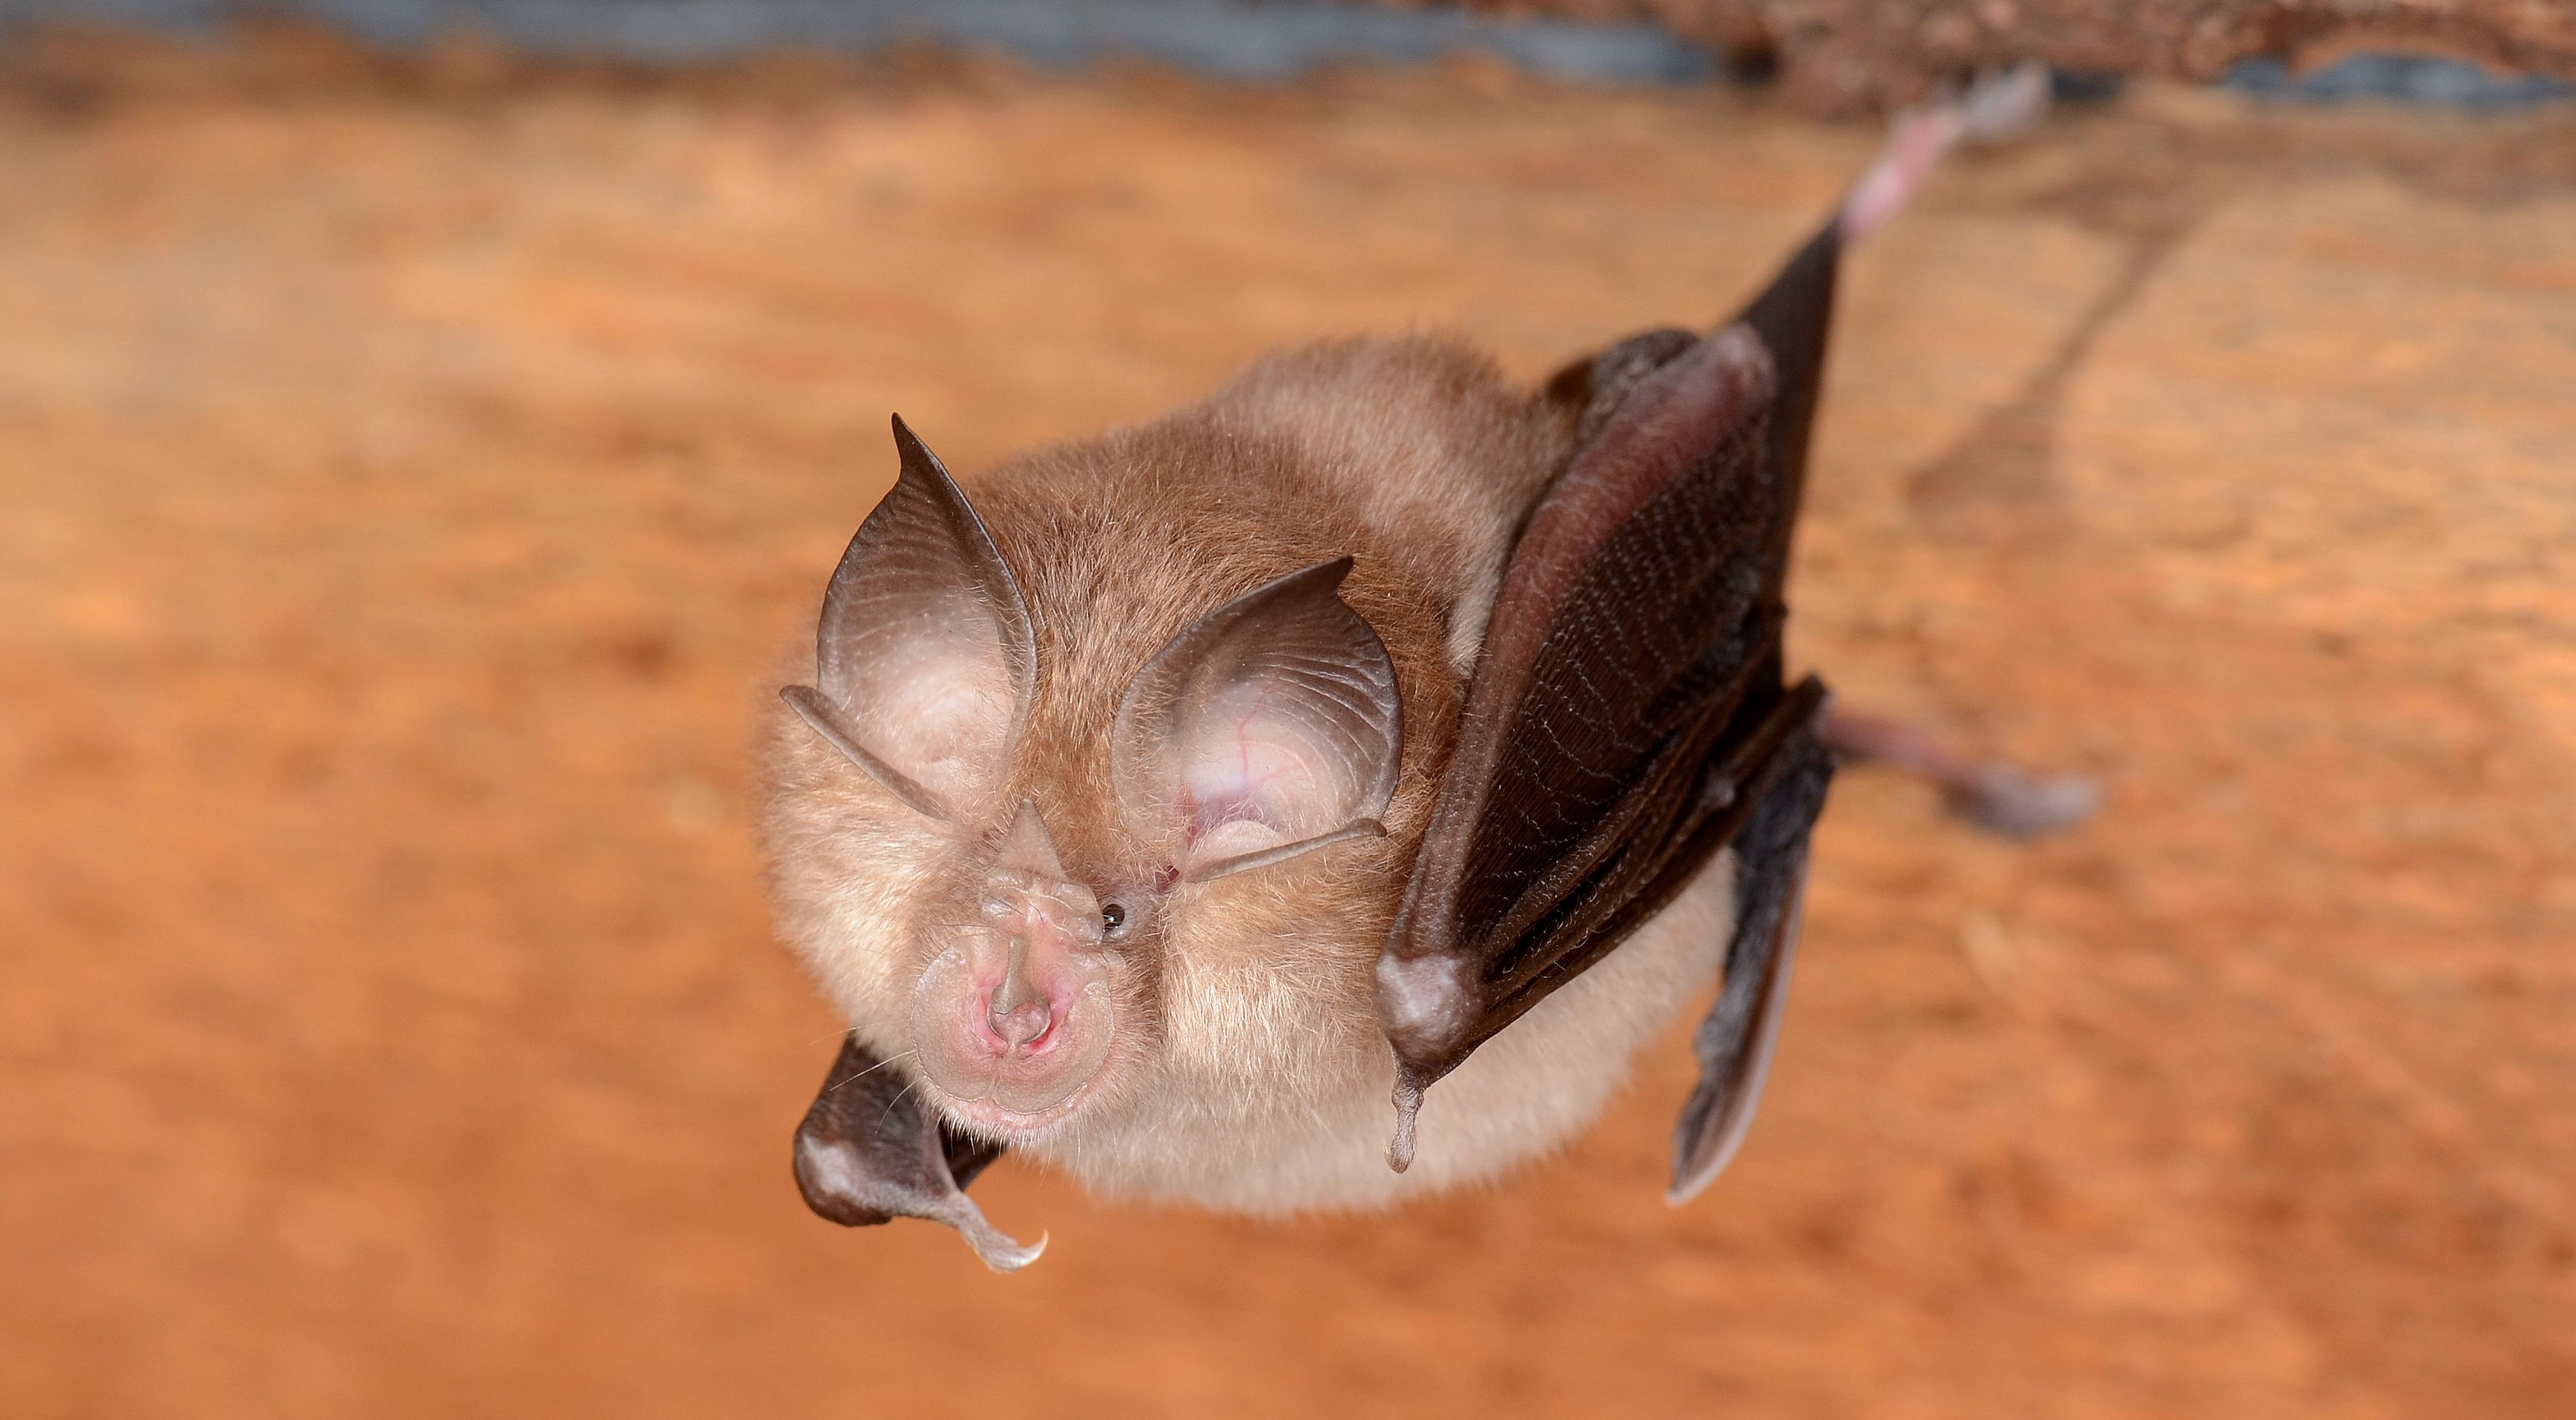 У летучих мышей в Великобритании выявили ранее неизвестный сарбековирус